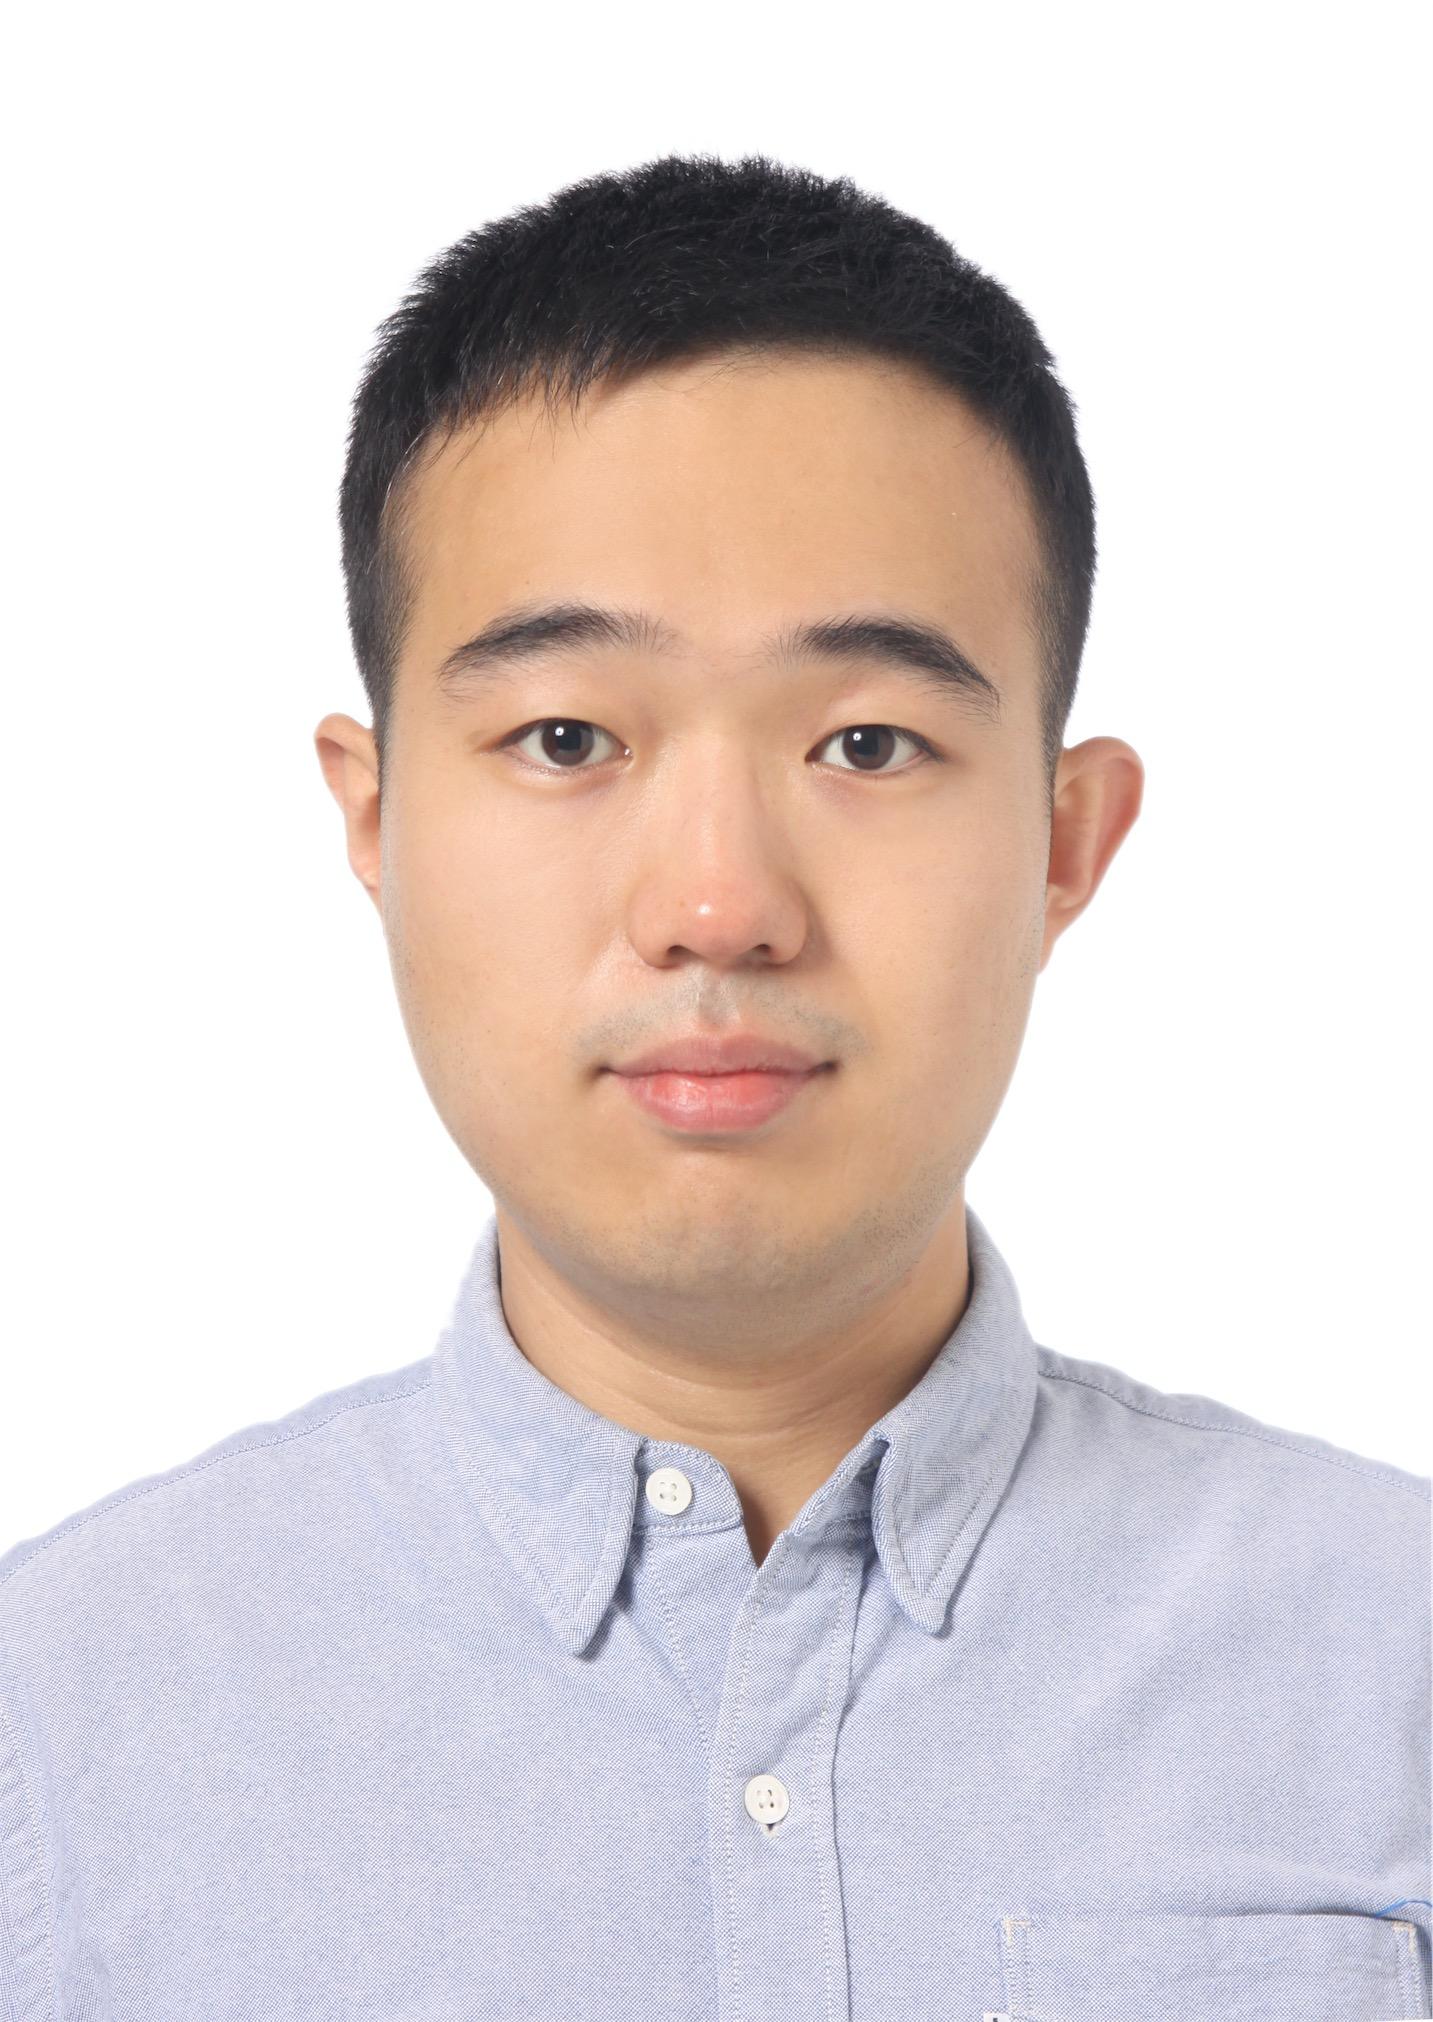 Shennan Wang